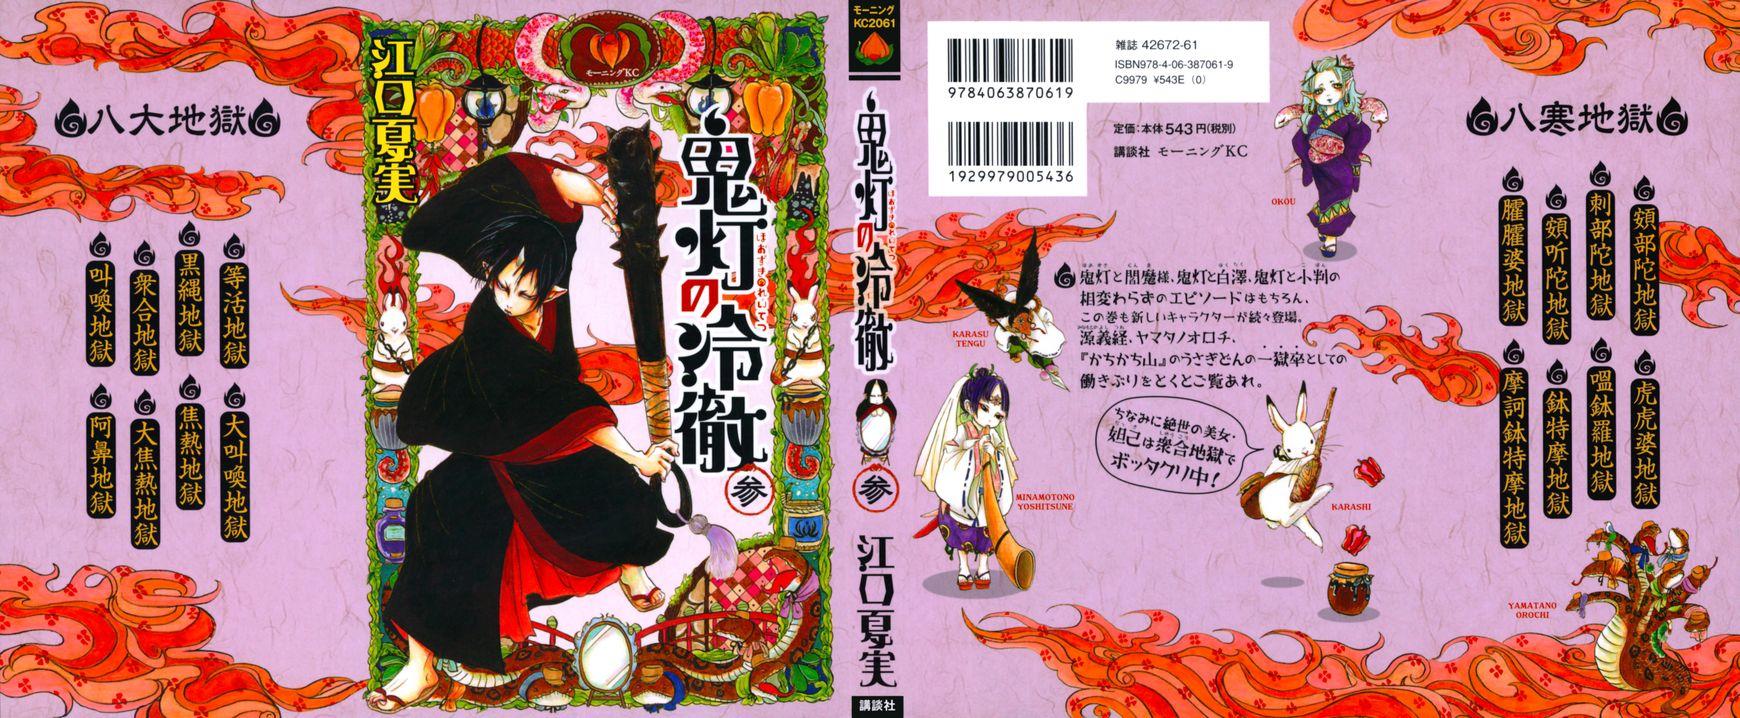 Hoozuki no Reitetsu 13 Page 2